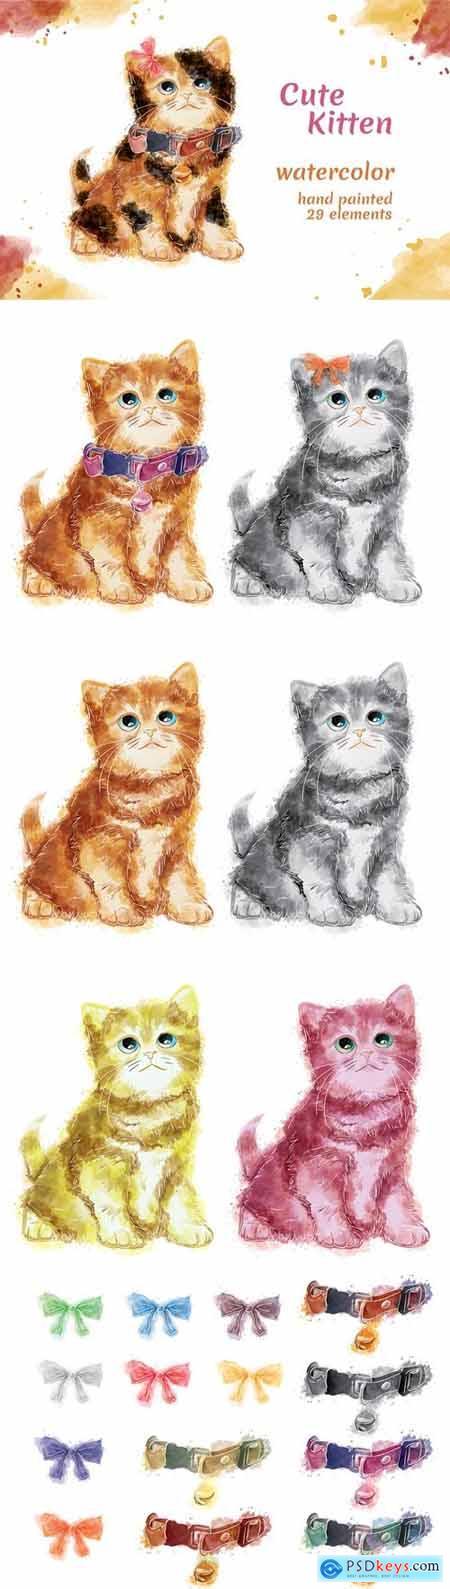 Kitten - 29 Watercolor for Adobe Illustrator